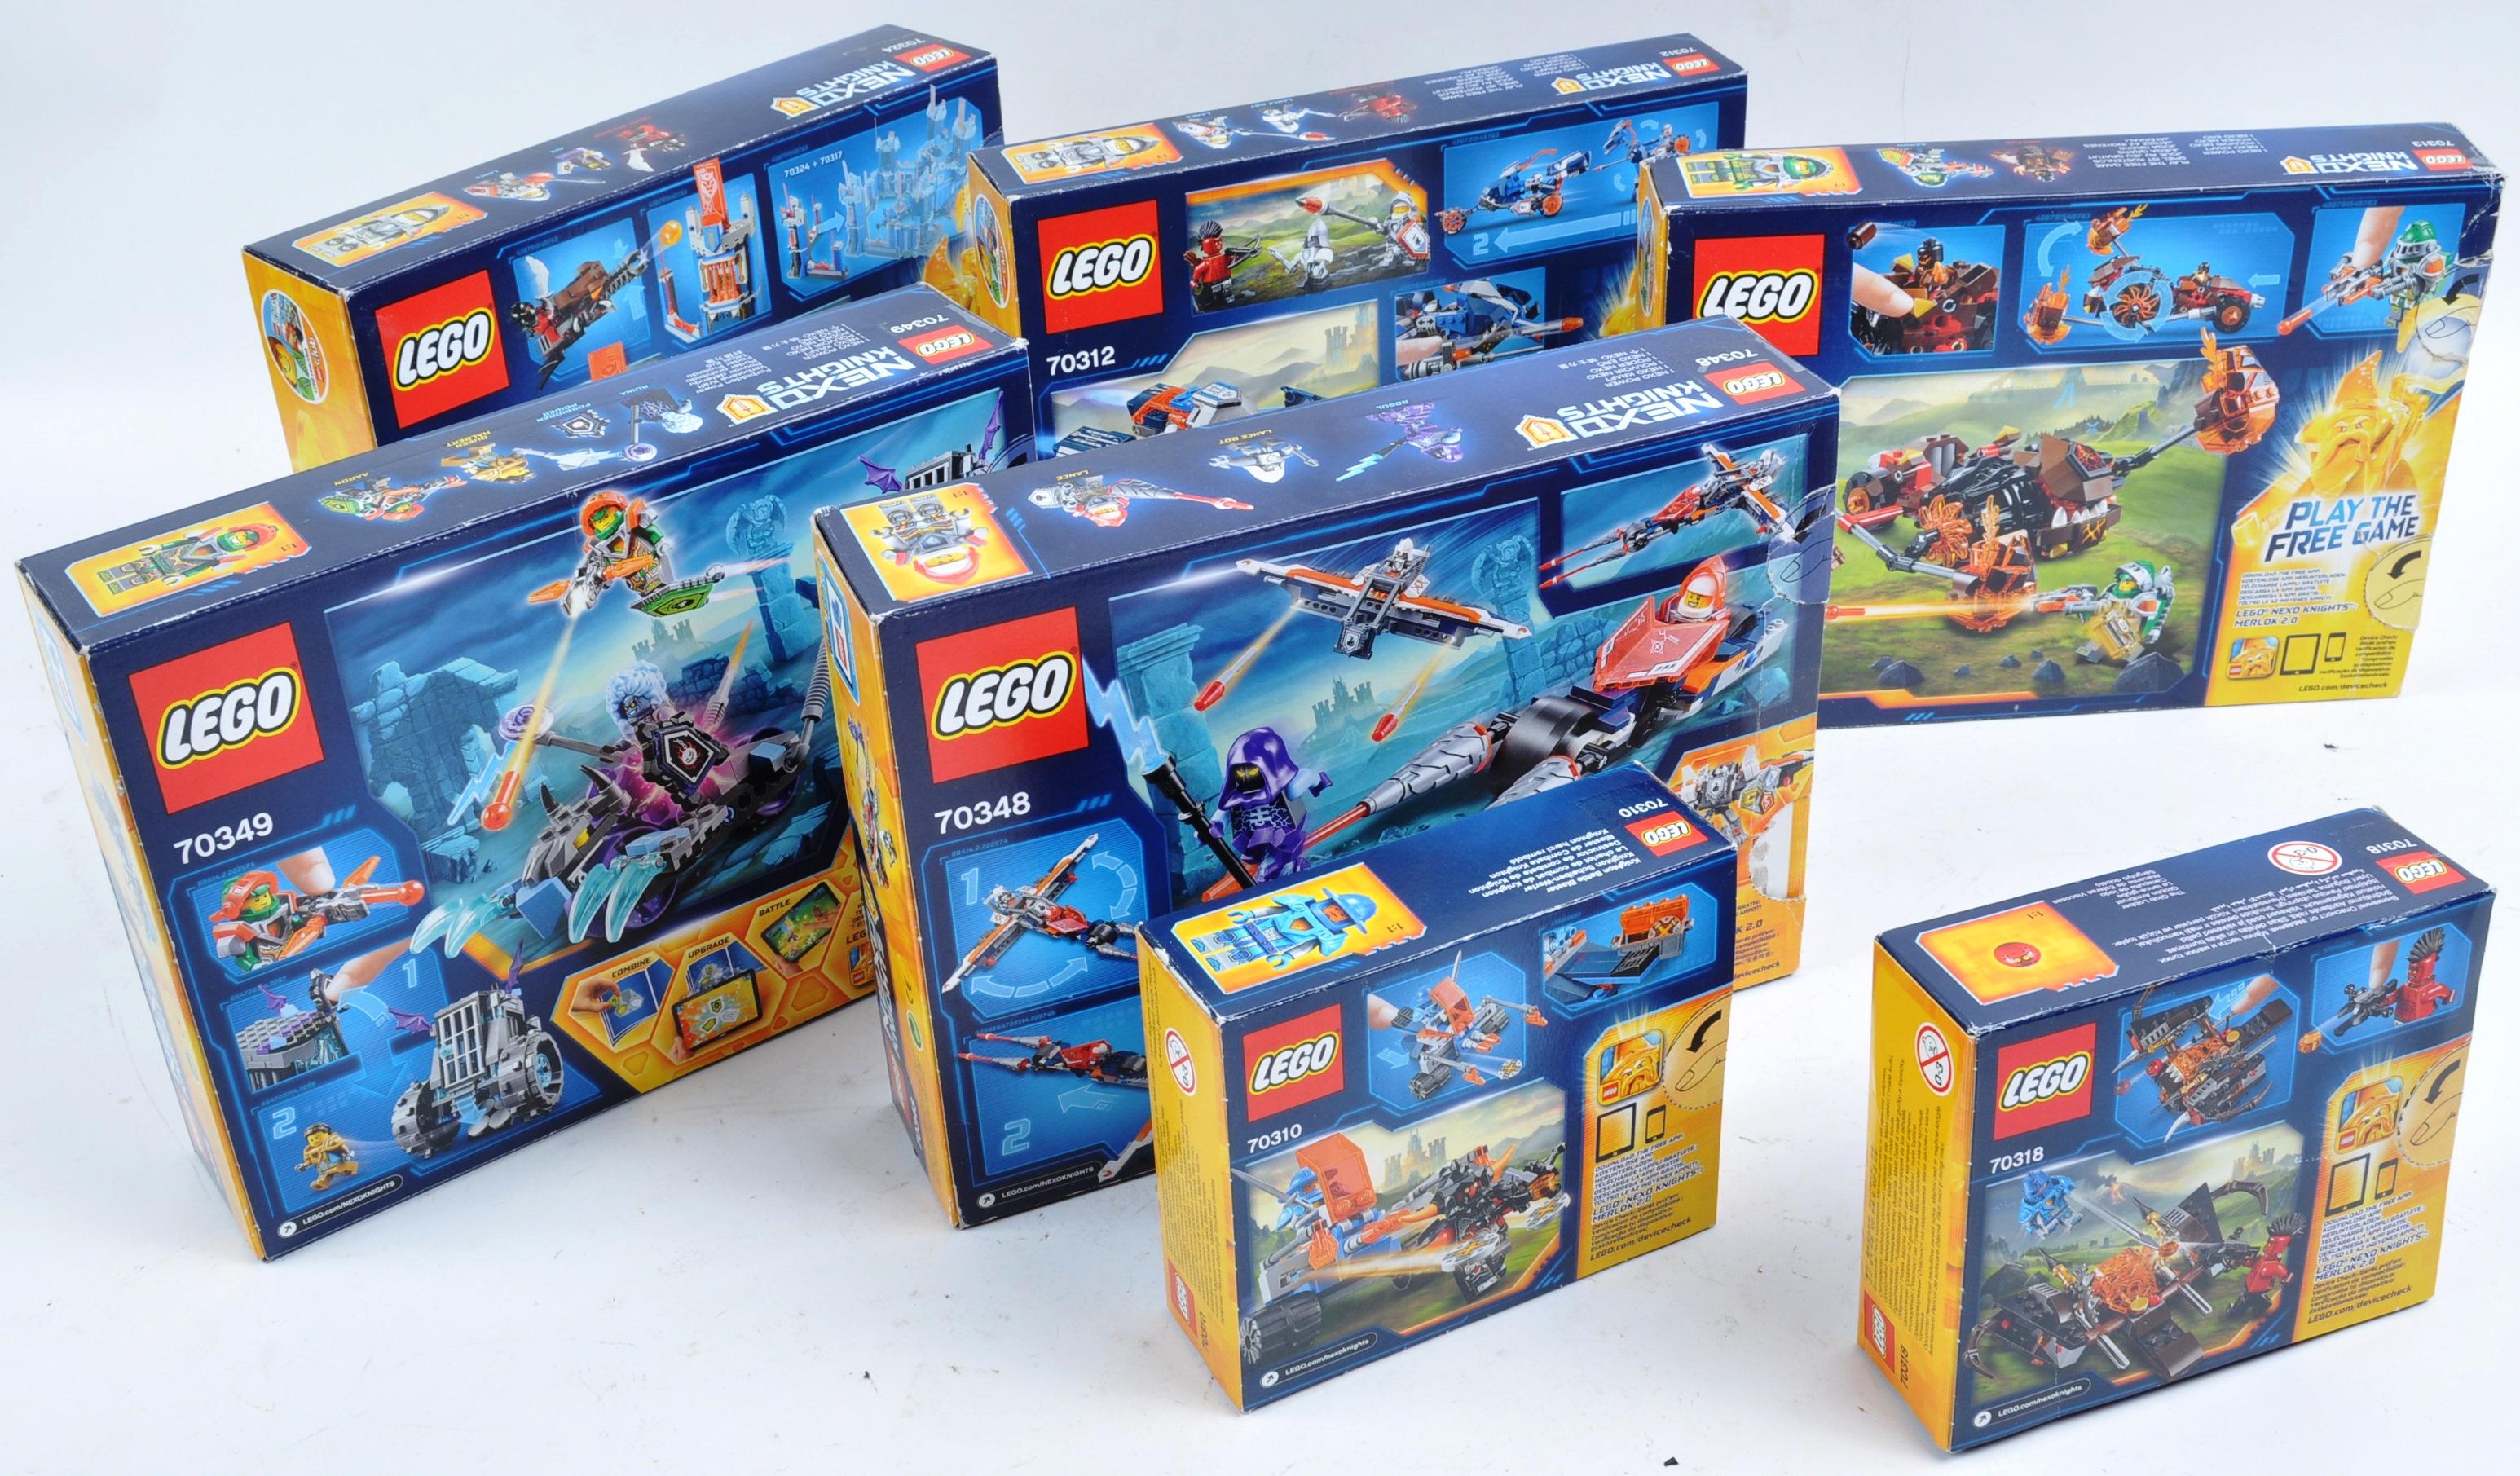 LEGO SETS - LEGO NEXO KNIGHTS - Image 5 of 6